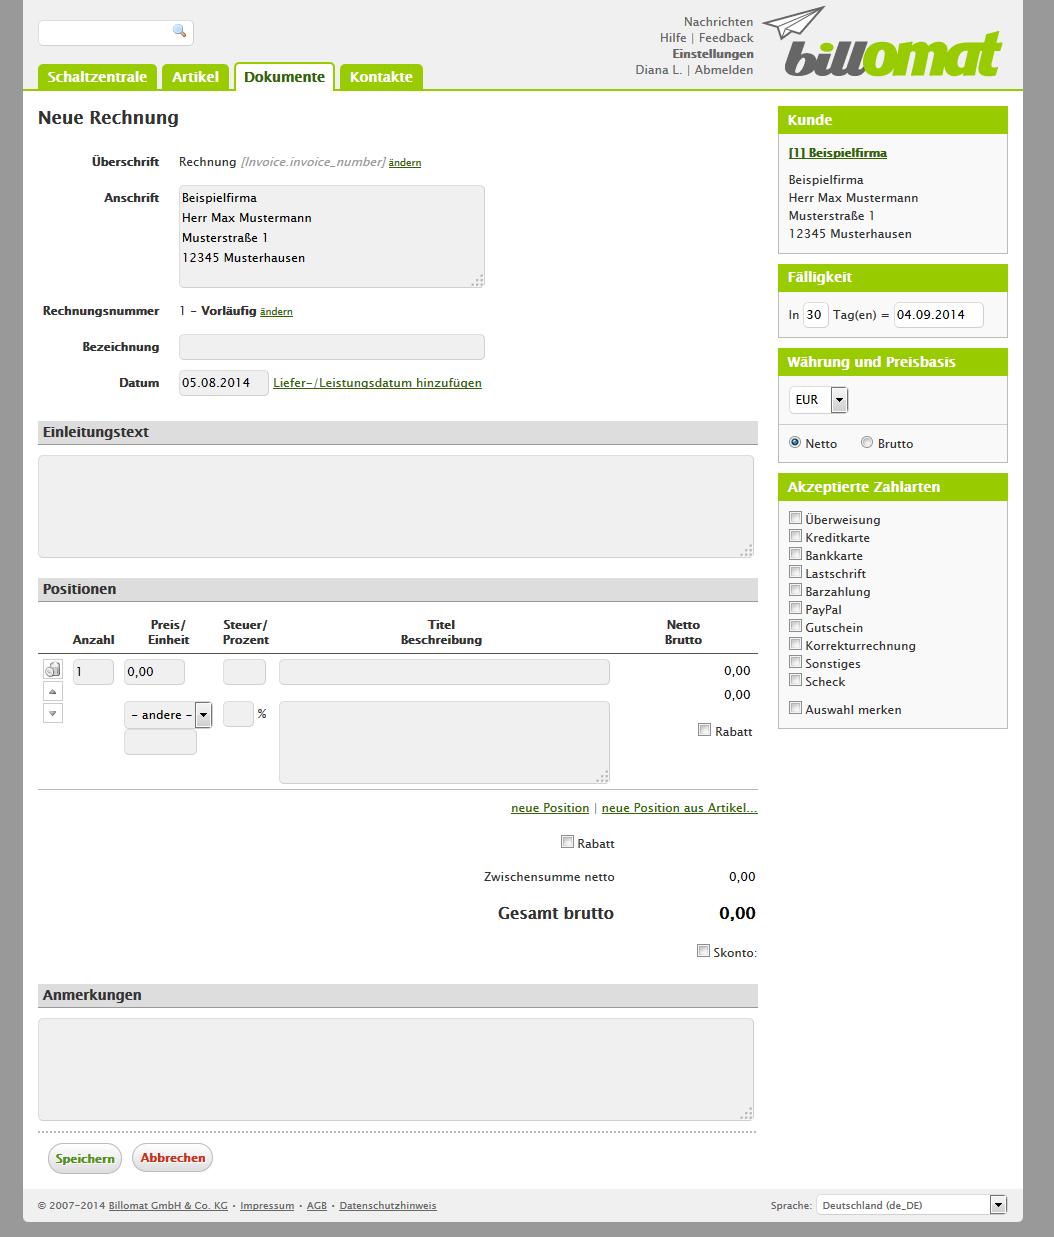 Screenshot: Einen neue Rechnung erstellen in der Rechnungssoftware billomat